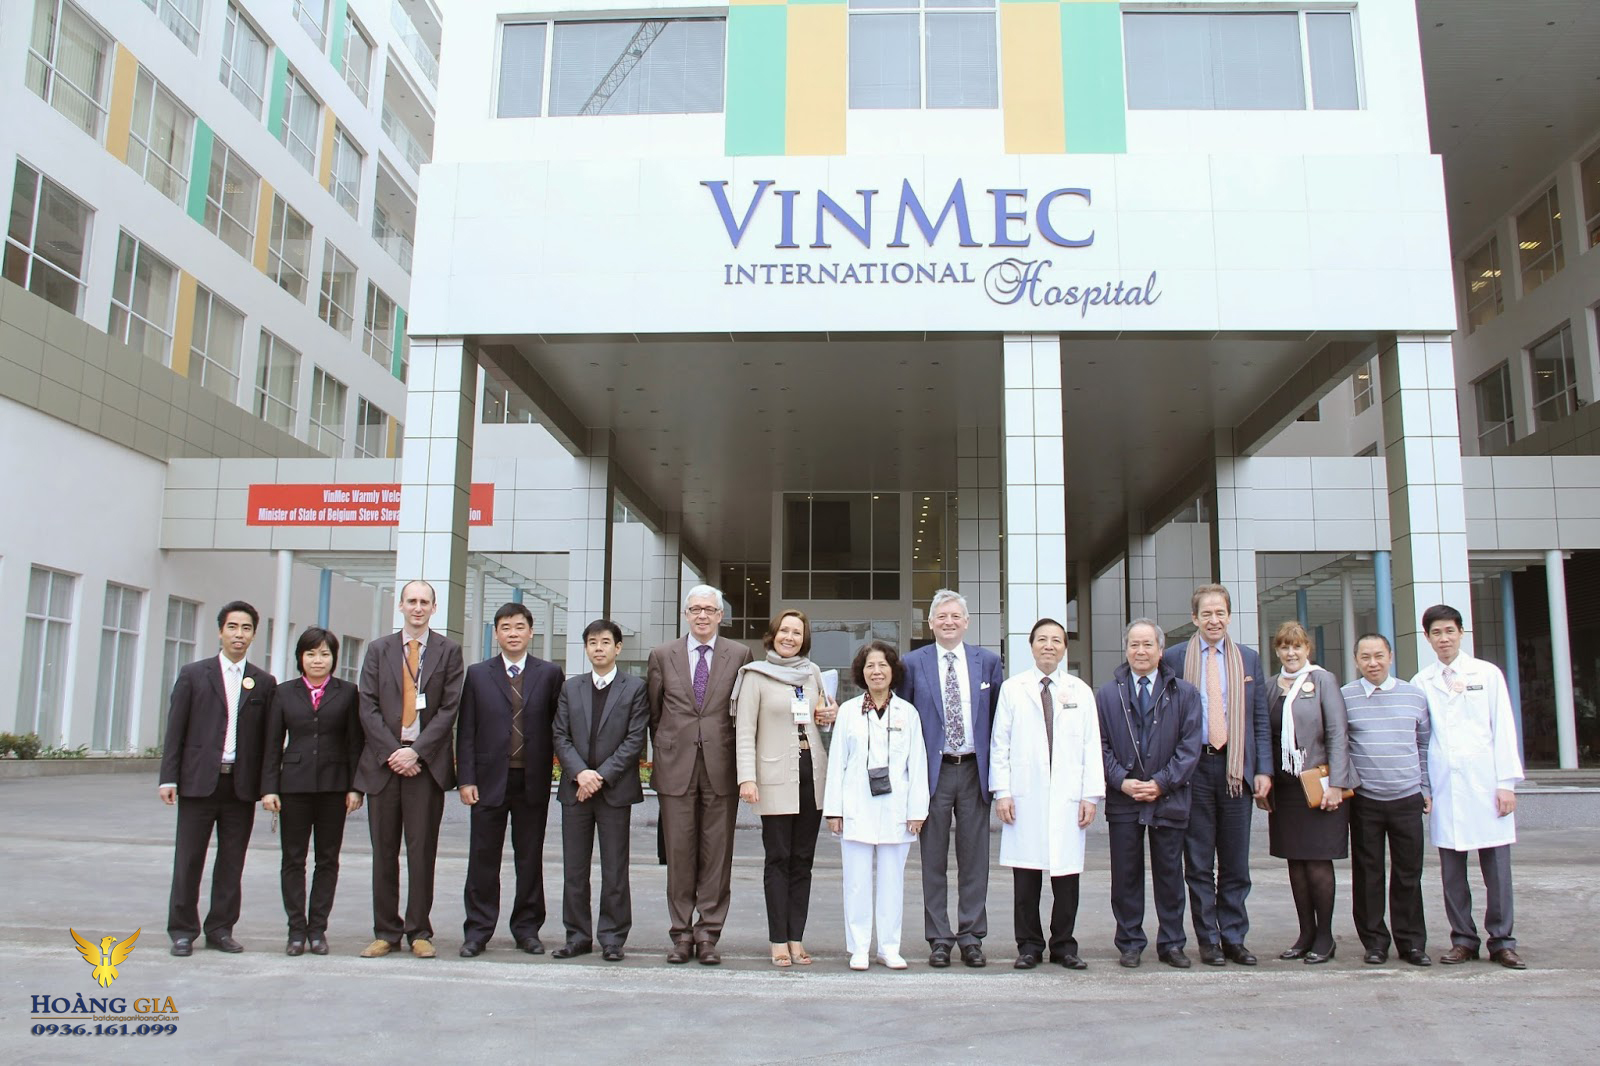 Bệnh viện Vinmec Vinhomes Nguyễn Chí Than